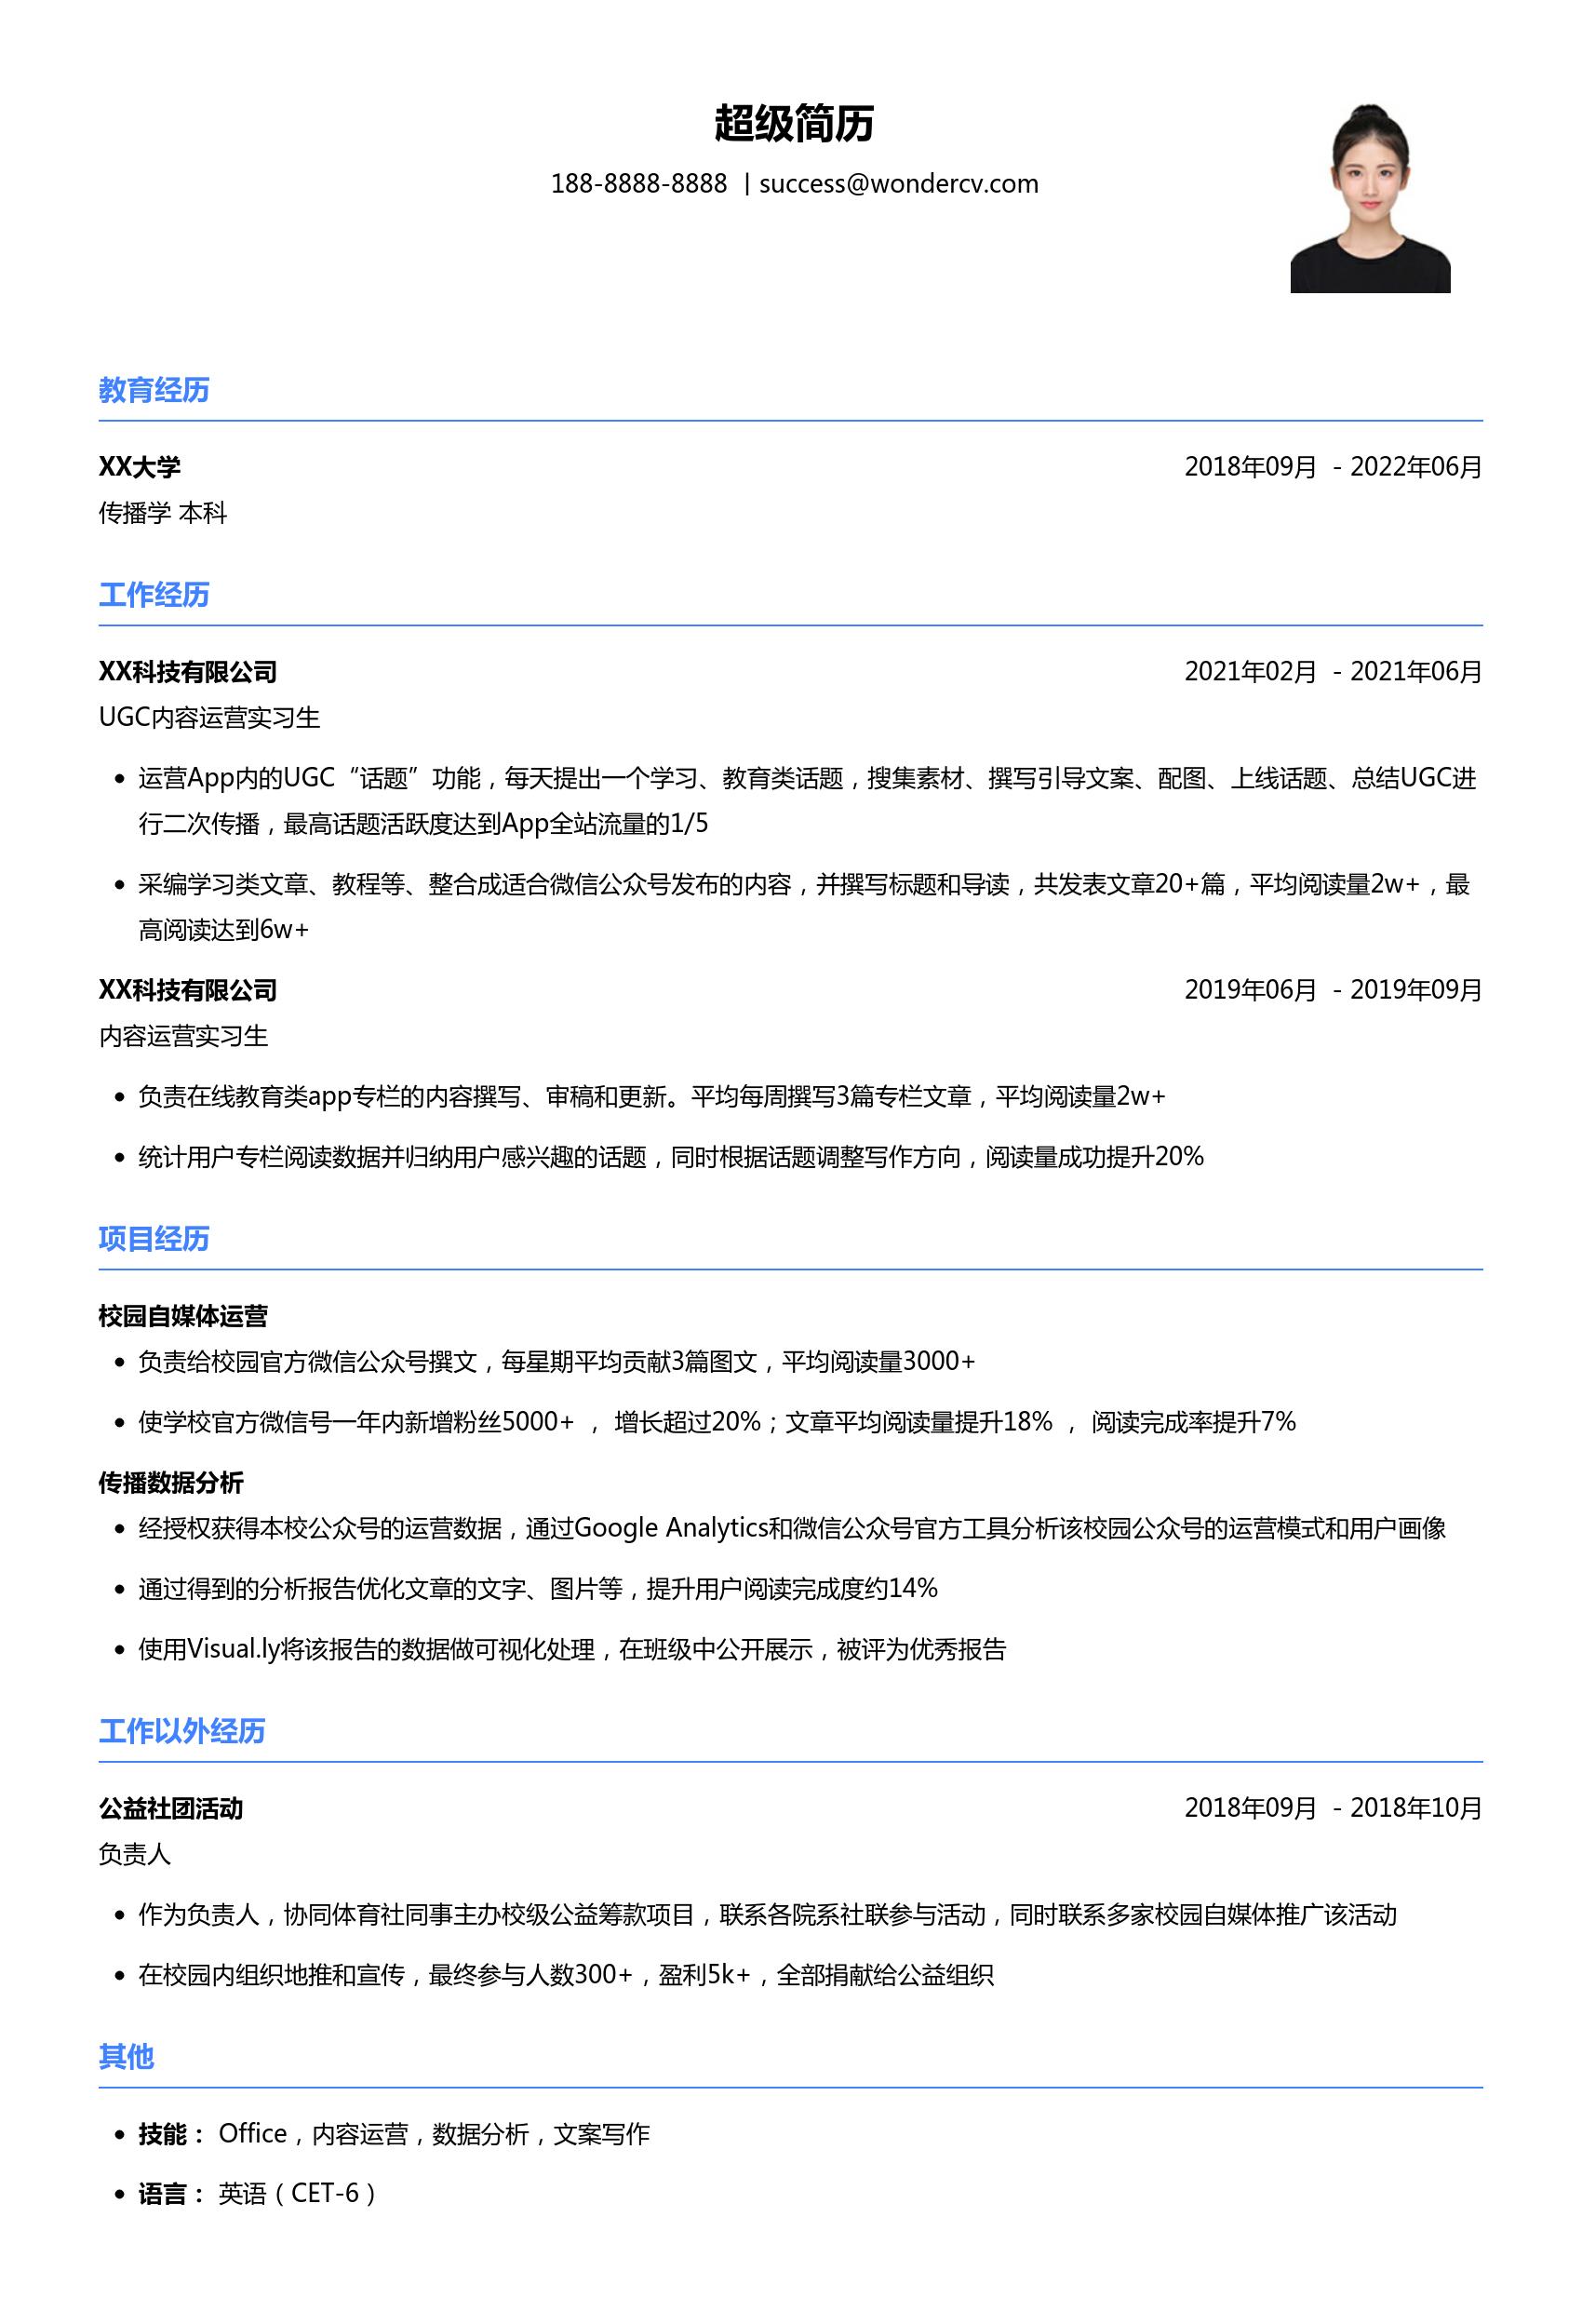 2022秋招简历模板